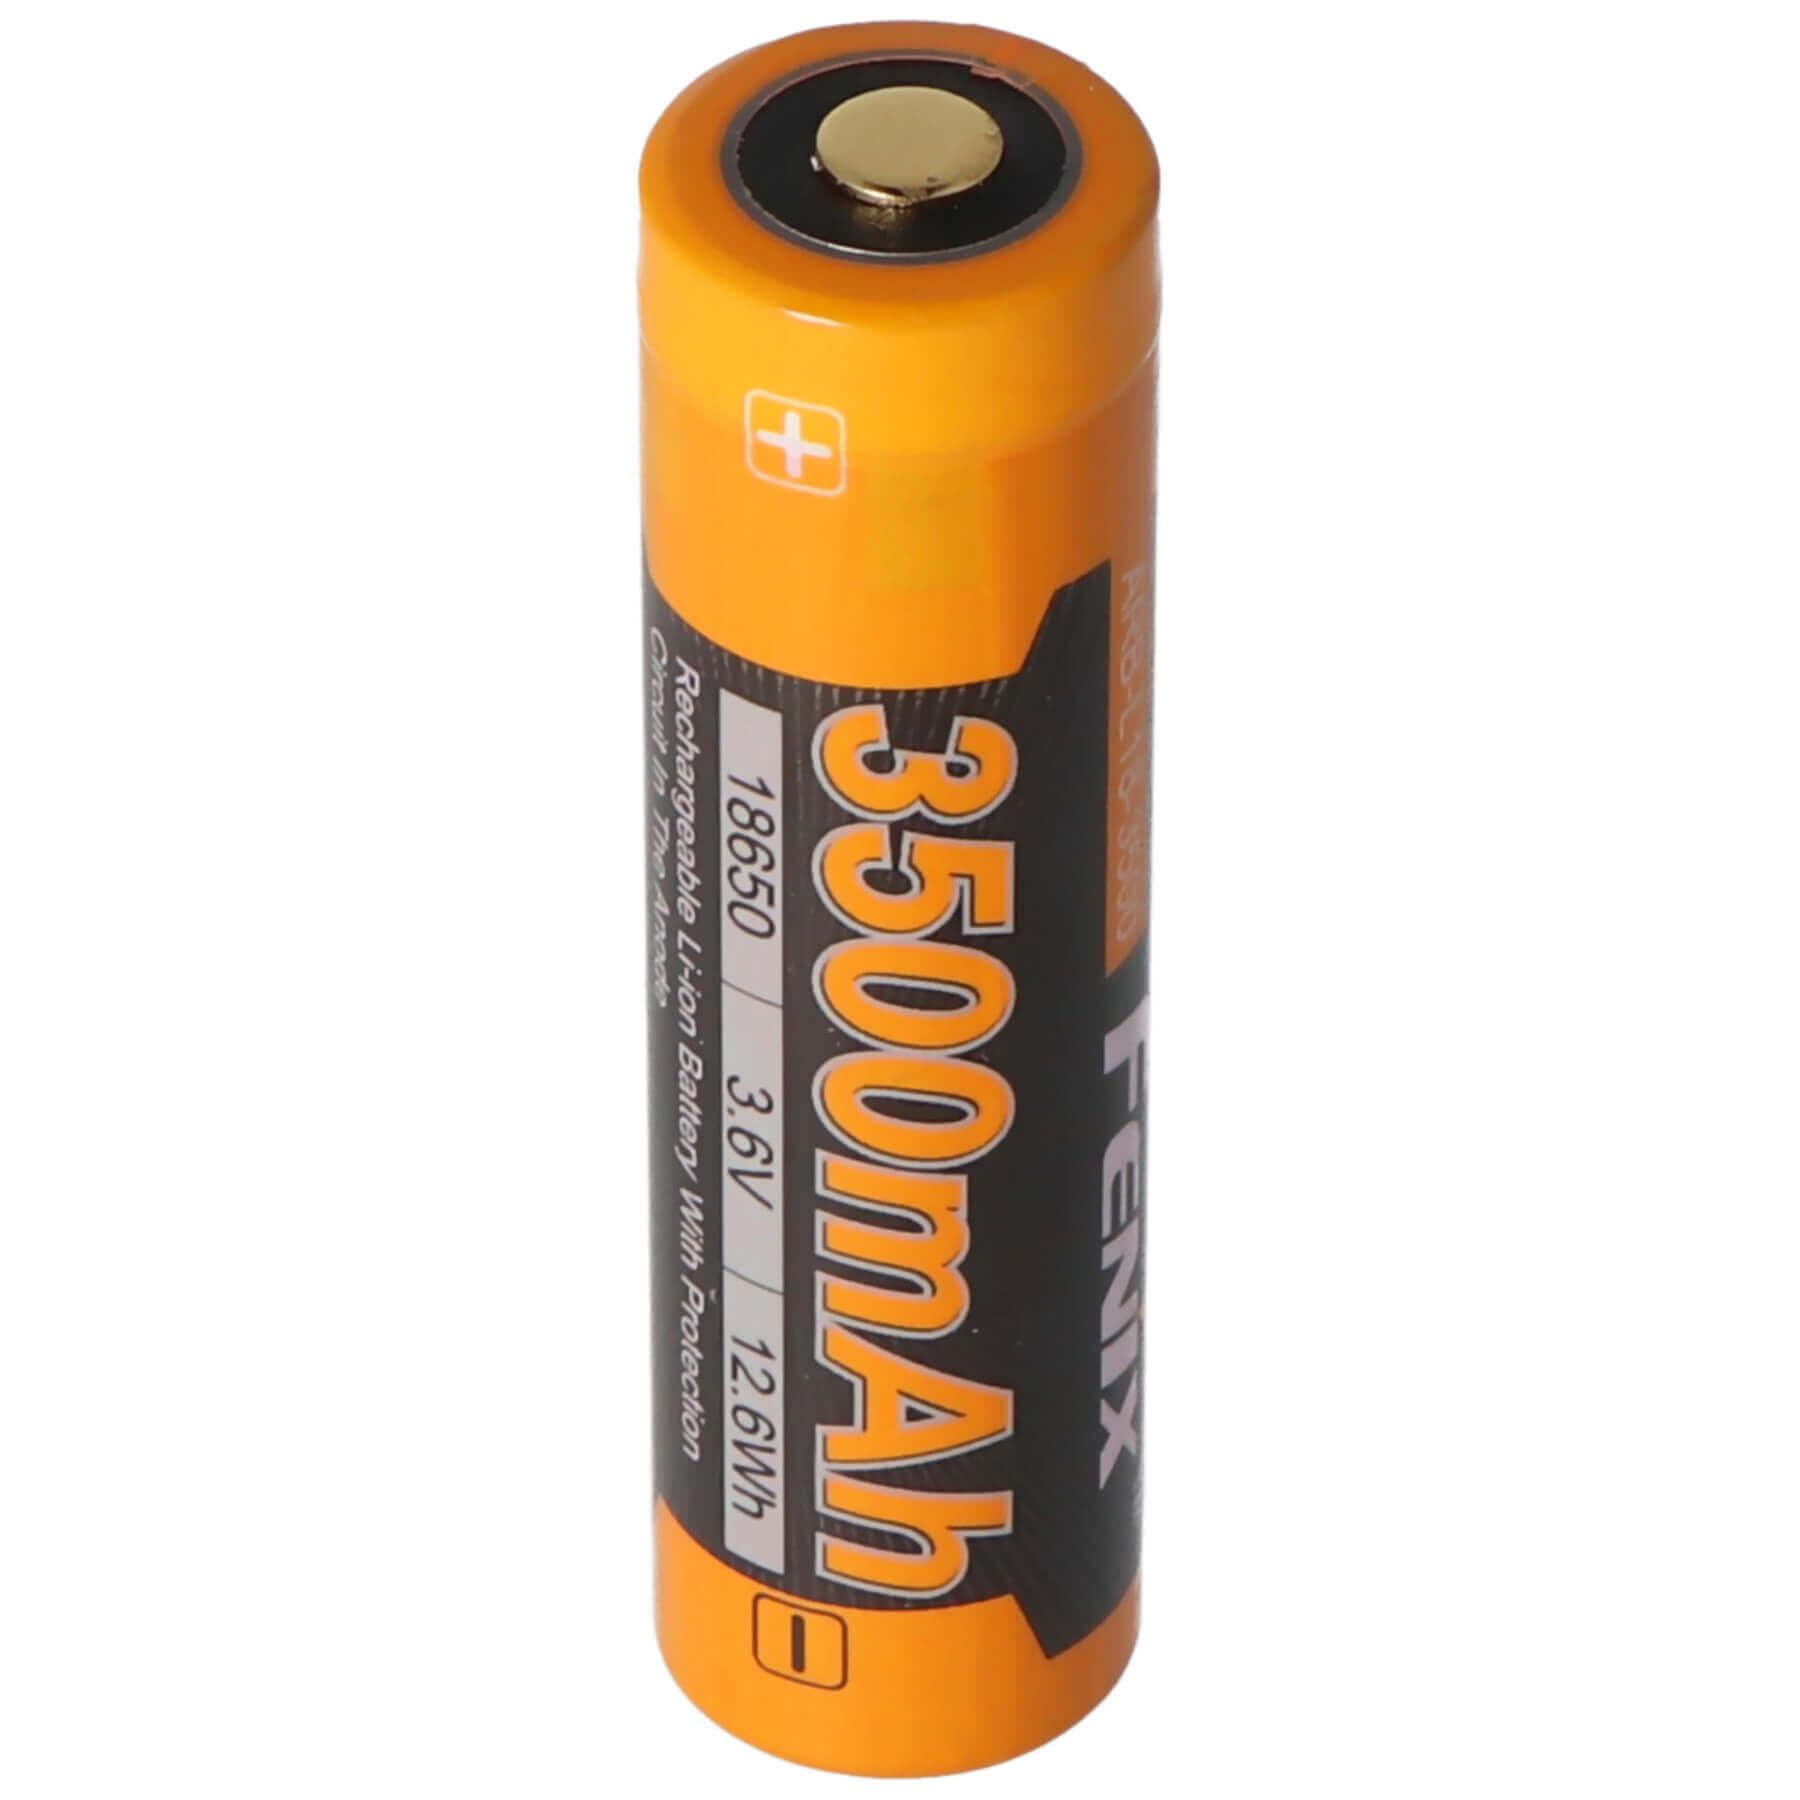 Akku Batterie 18650 von Fenix